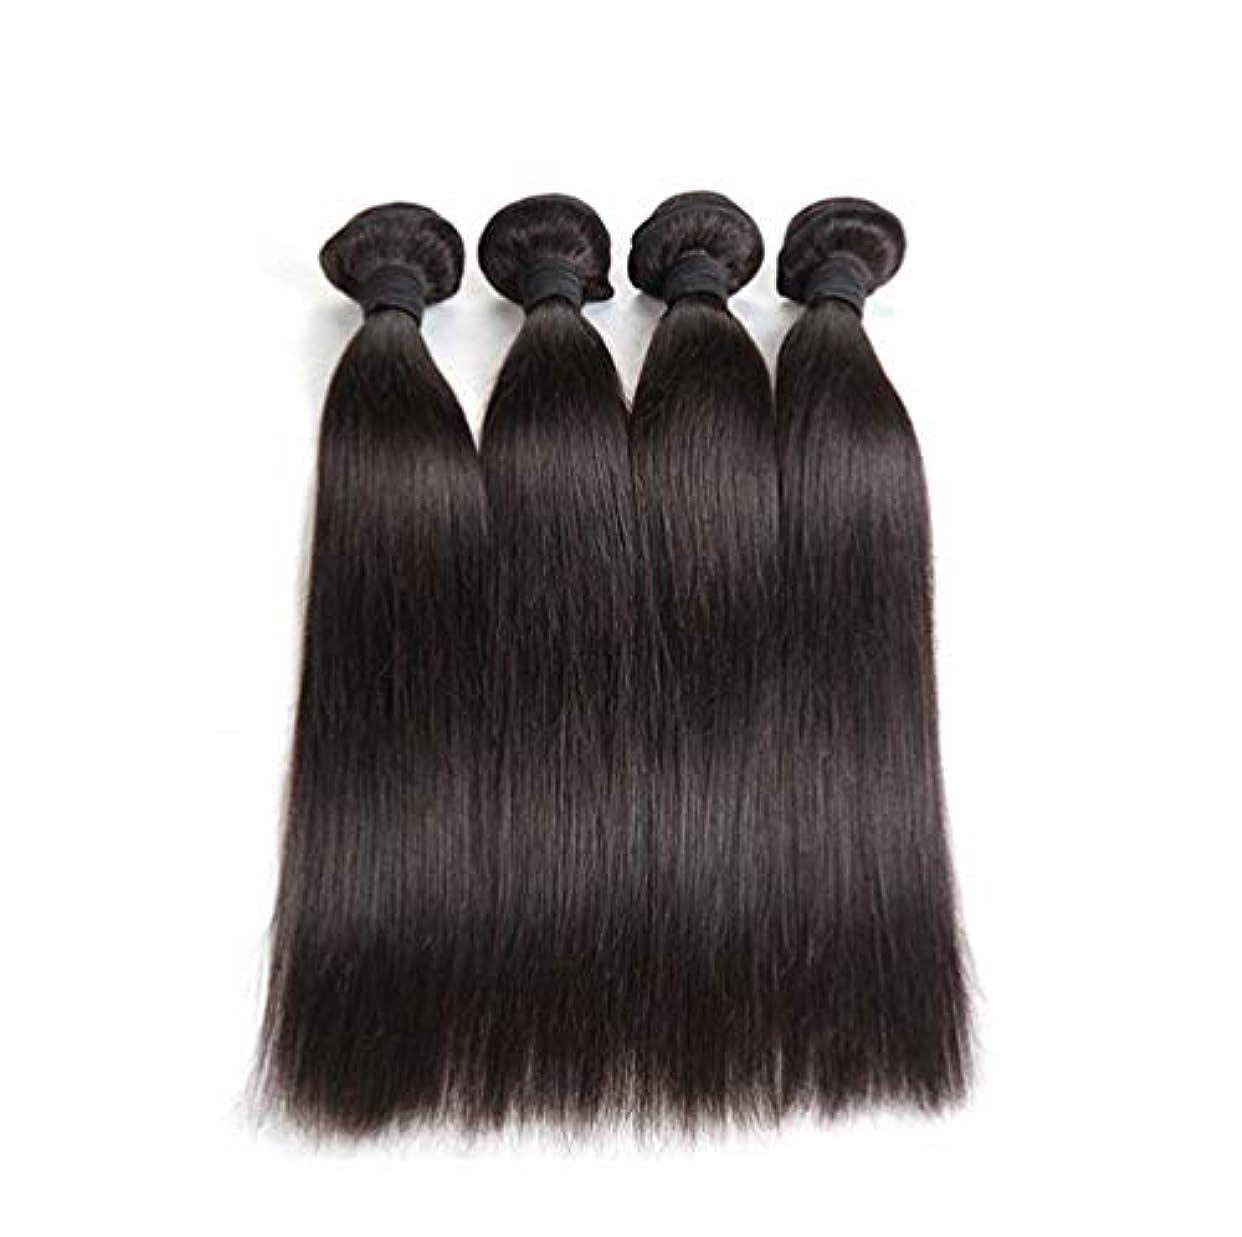 散歩に行く現在プレミア女性の髪織りブラジルのストレート人間の髪の毛束絹のようなストレートバージン人間の髪の毛延長エクステンションナチュラル300グラム(3バンドル)